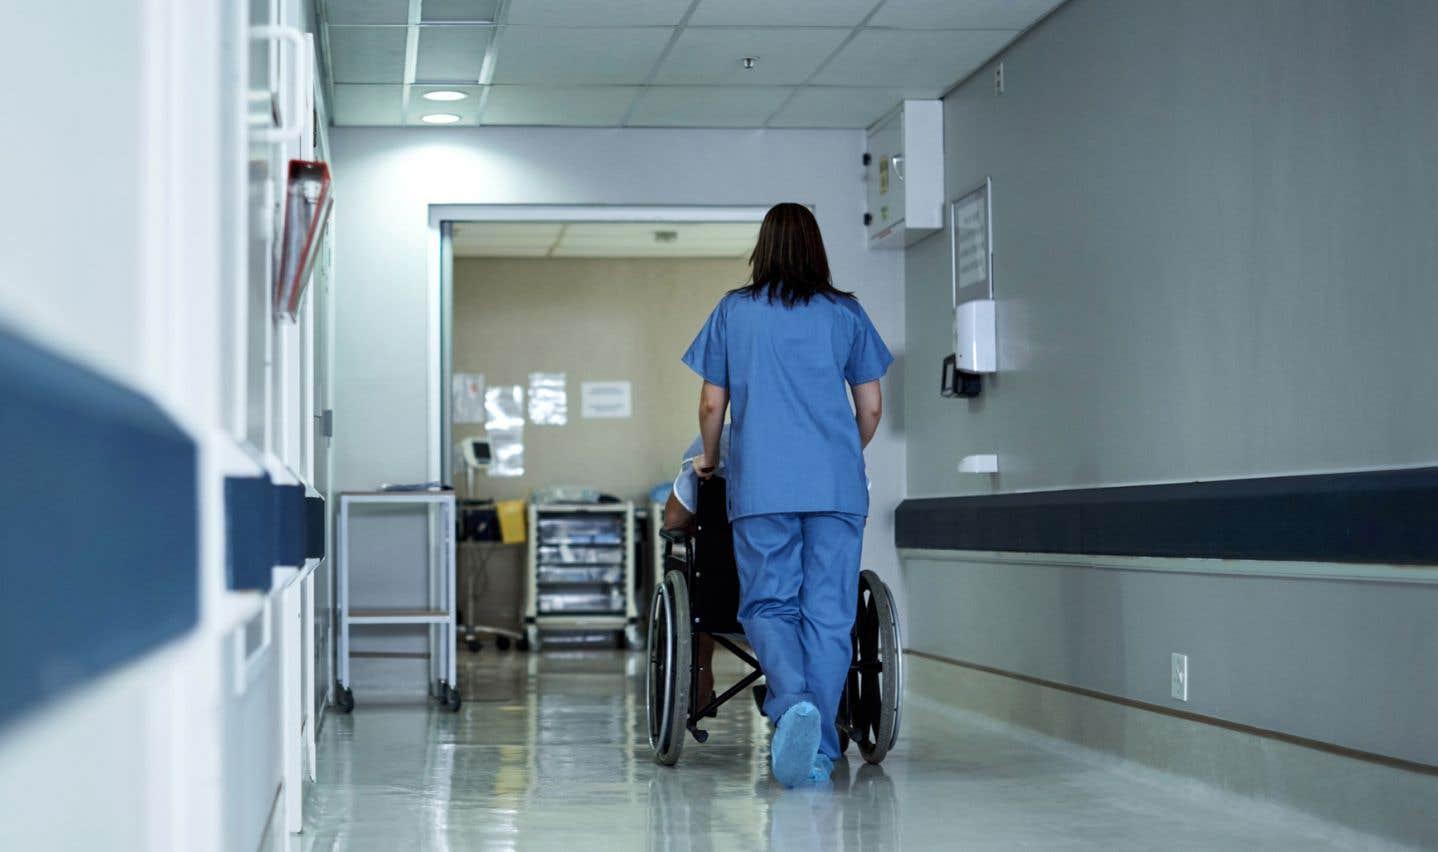 Selon les psychiatres, la décision de transférer les patients des urgences vers un hôpital comme l'Institut en santé mentale de Québec est motivée par la directive ministérielle «de vider les urgences le plus rapidement possible pour redorer les statistiques».